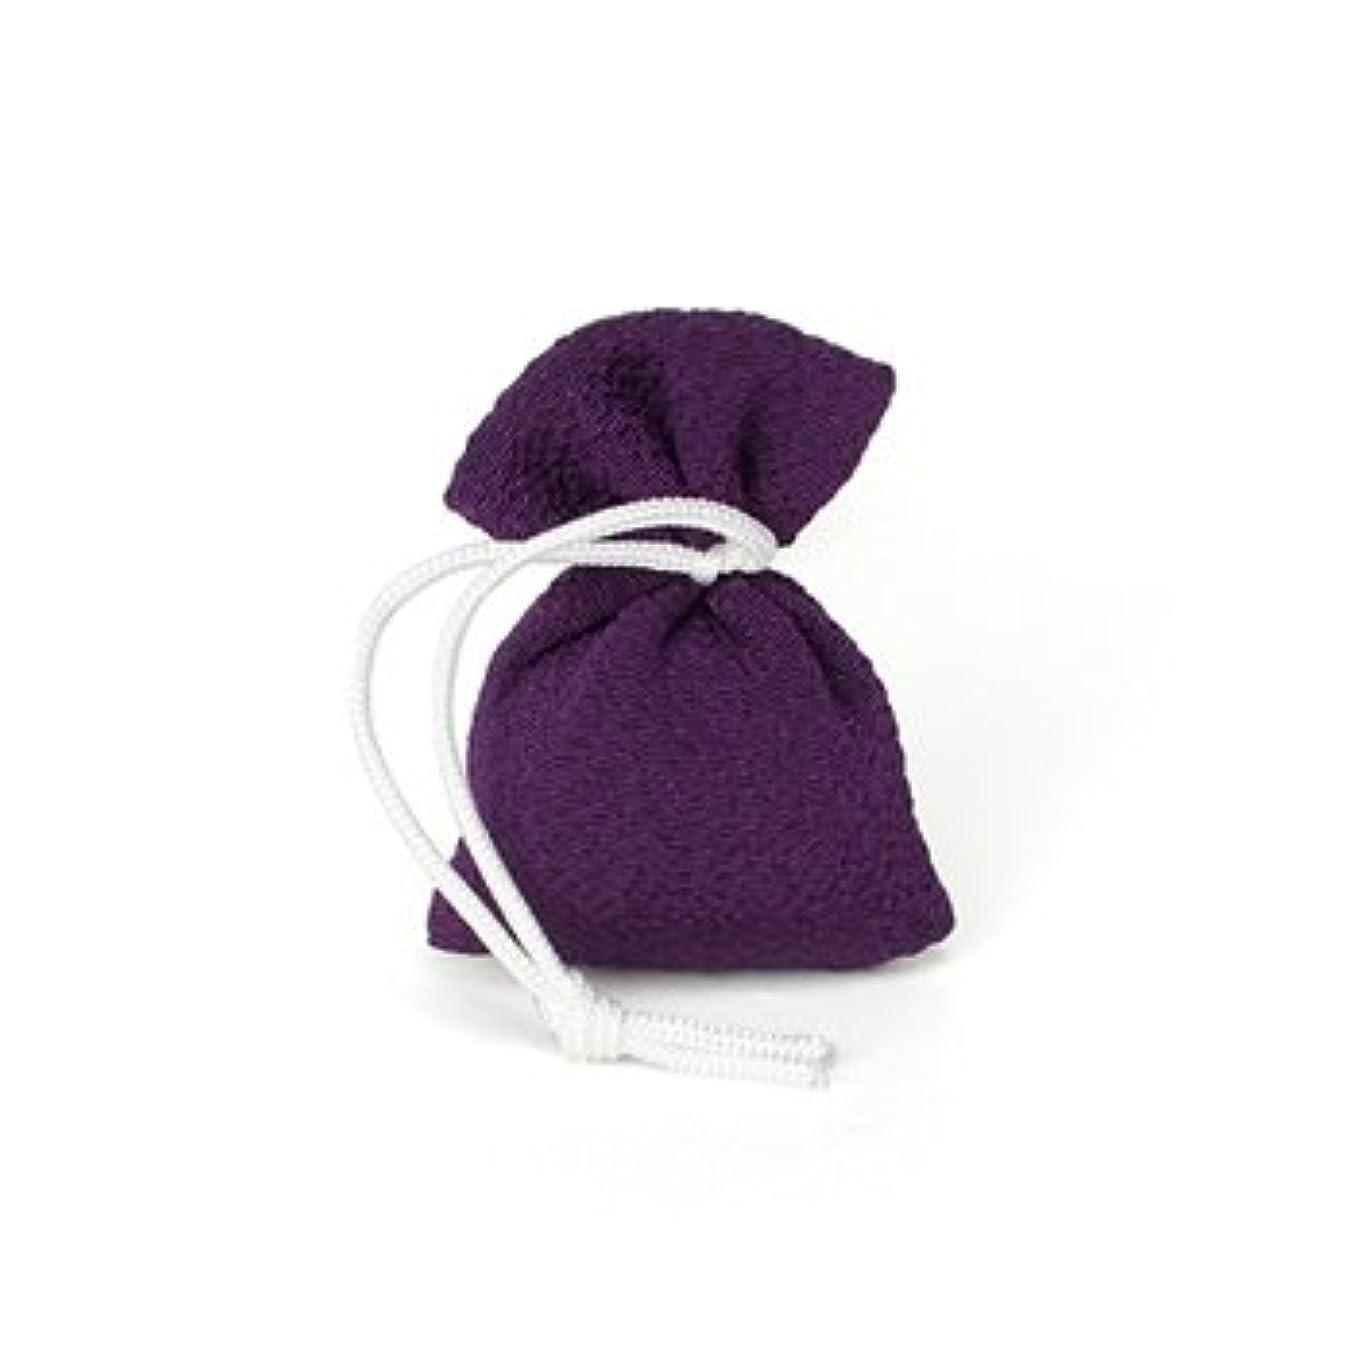 予感寄付コンソール松栄堂 匂い袋 誰が袖 携帯用 1個入 ケースなし (色をお選びください) (古代紫)